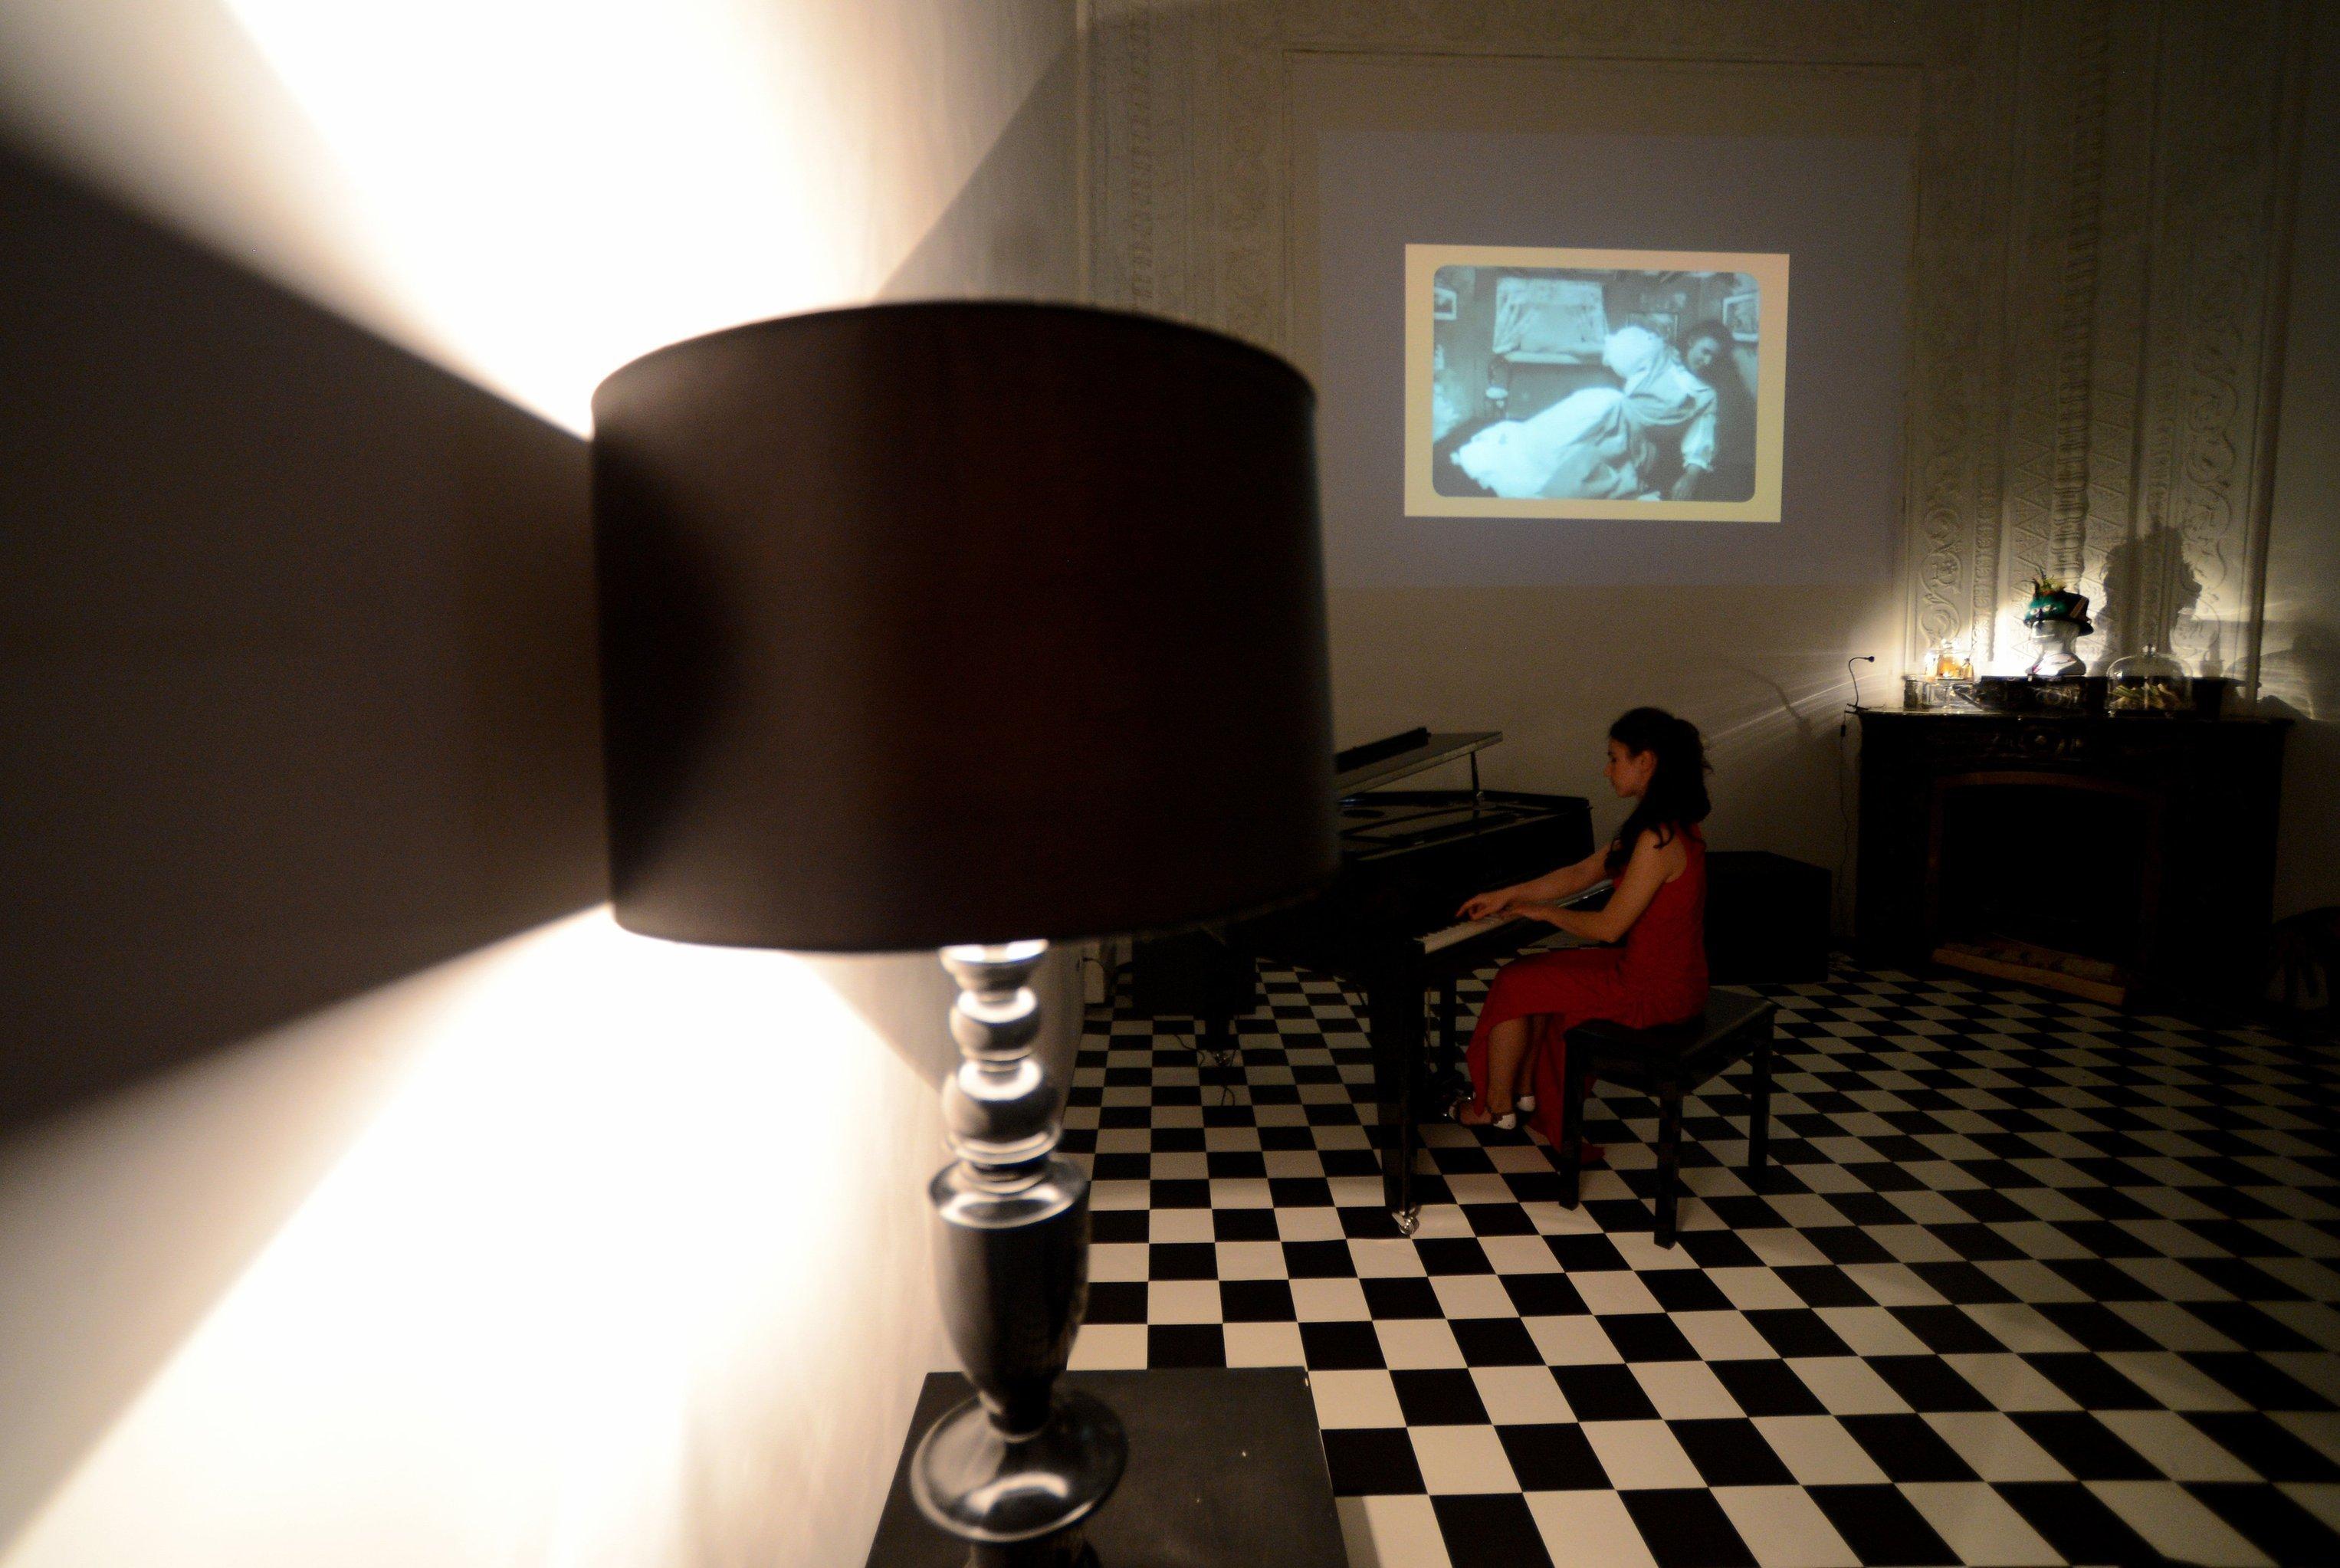 Выставка-иллюзия Алиса в стране чудес